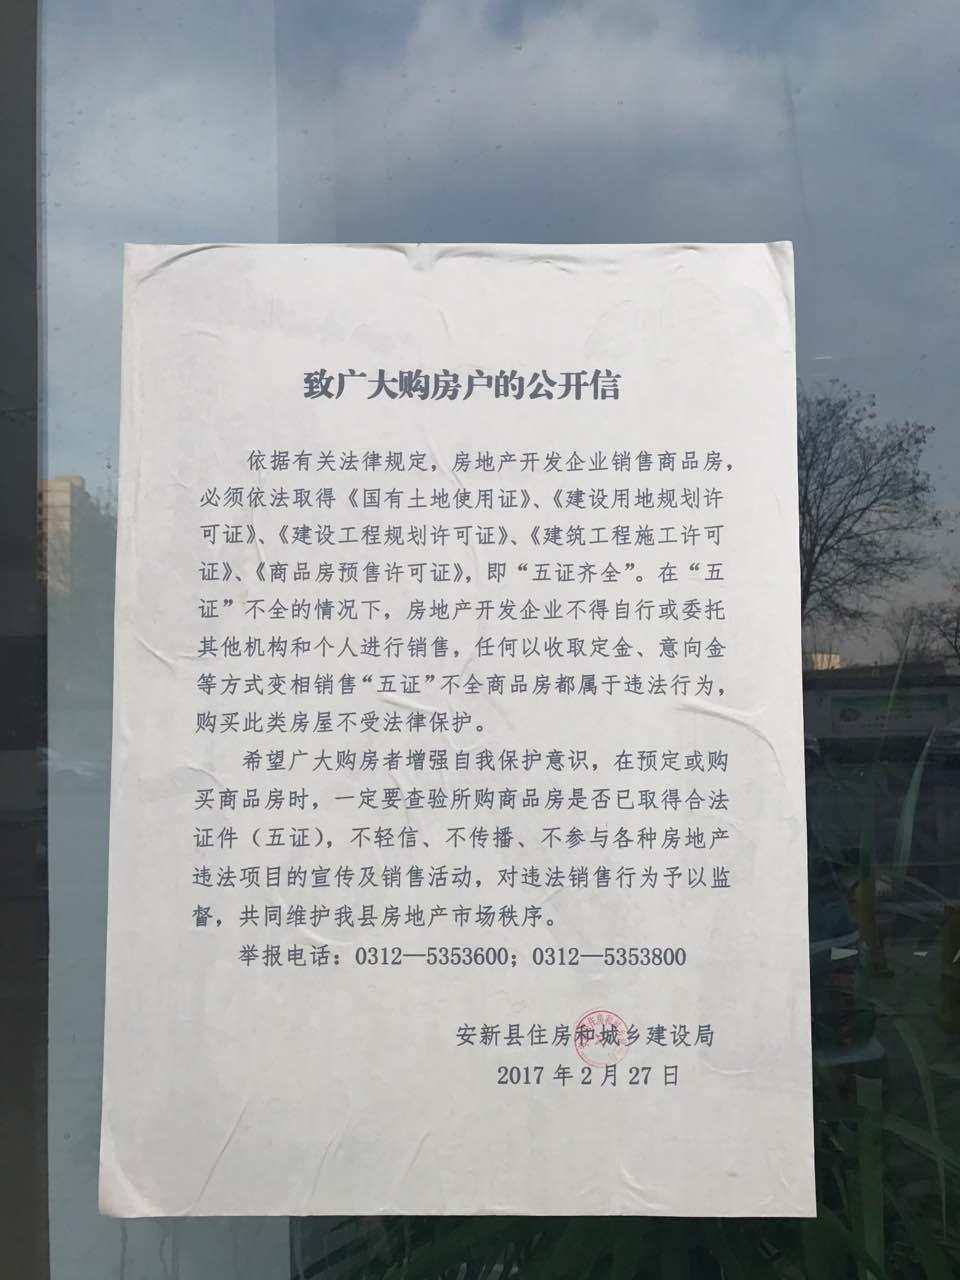 安新县住房和城乡建设局《致广大购房户的公开信》。